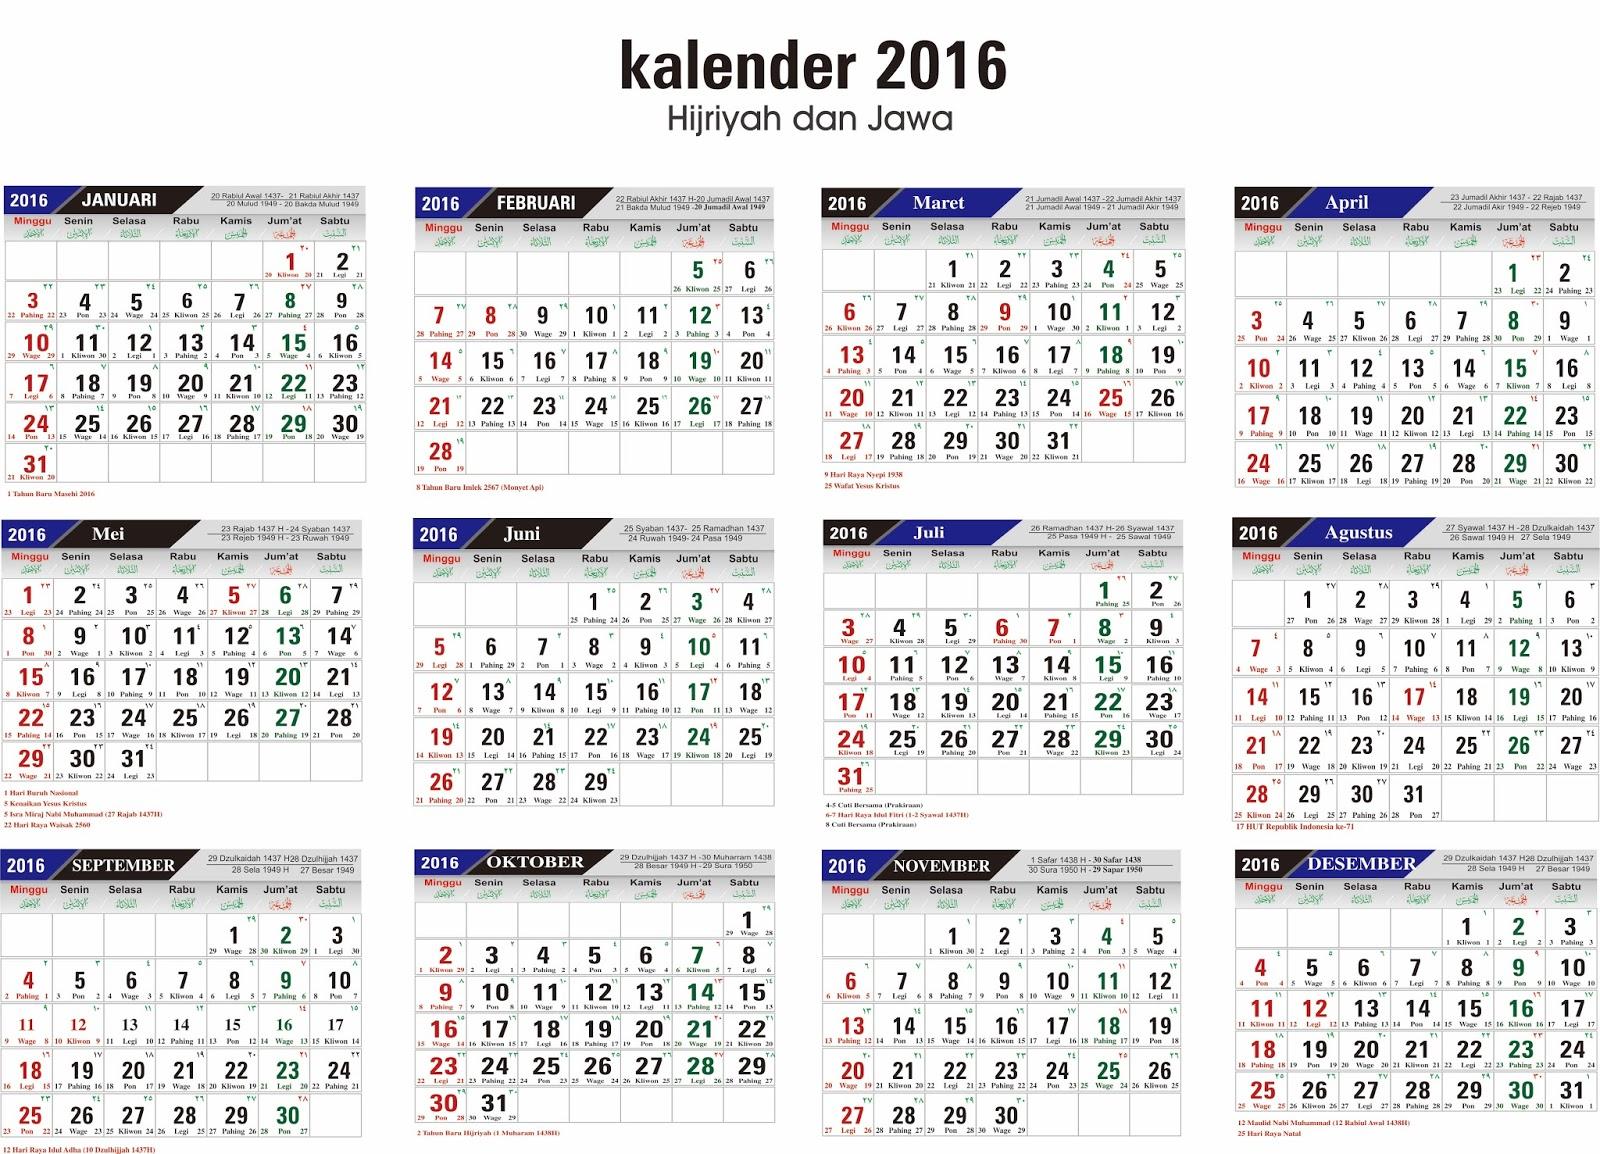 Kalender 2016 lengkap terbarutau for Da n